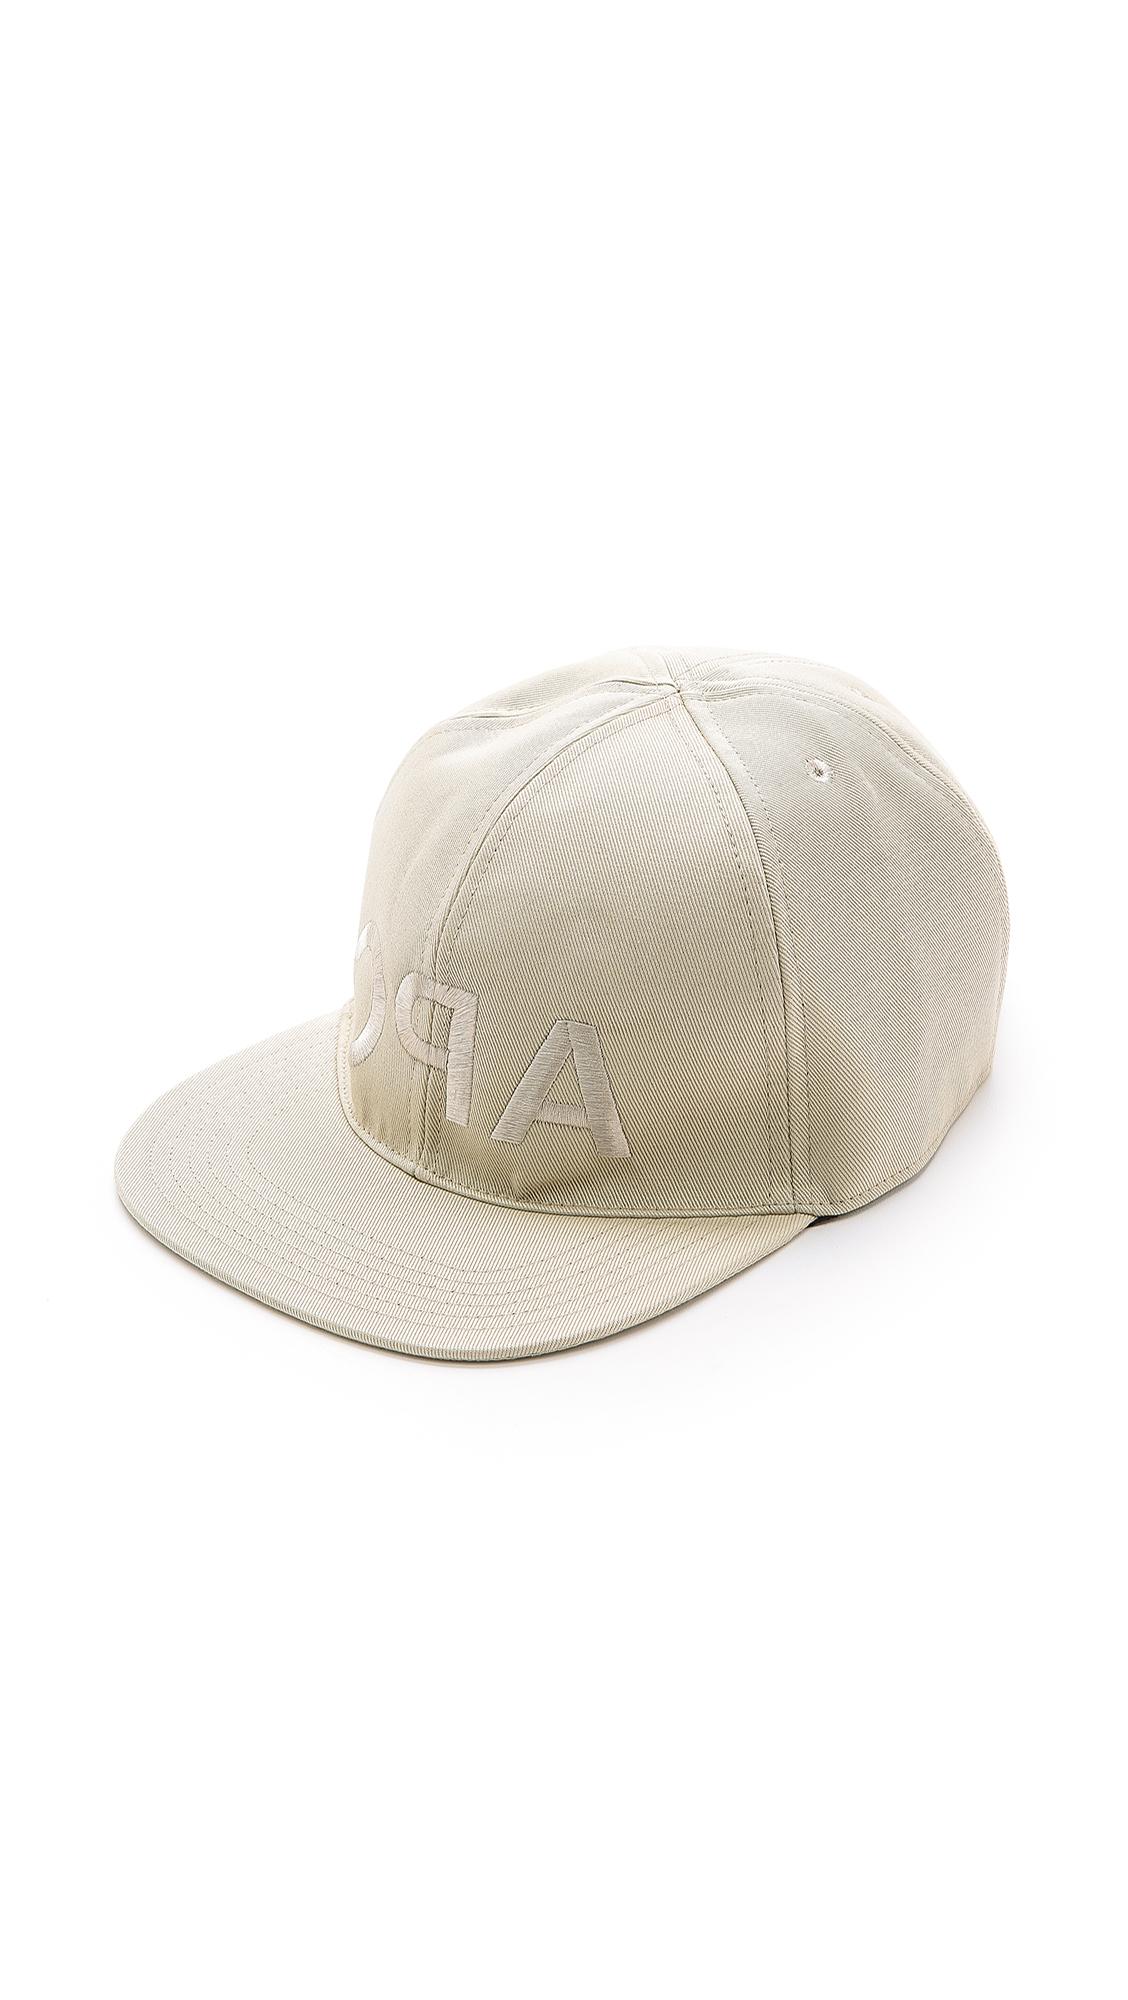 Lyst - A.P.C. Backwards Cap in Natural for Men 5cf856fb7a95